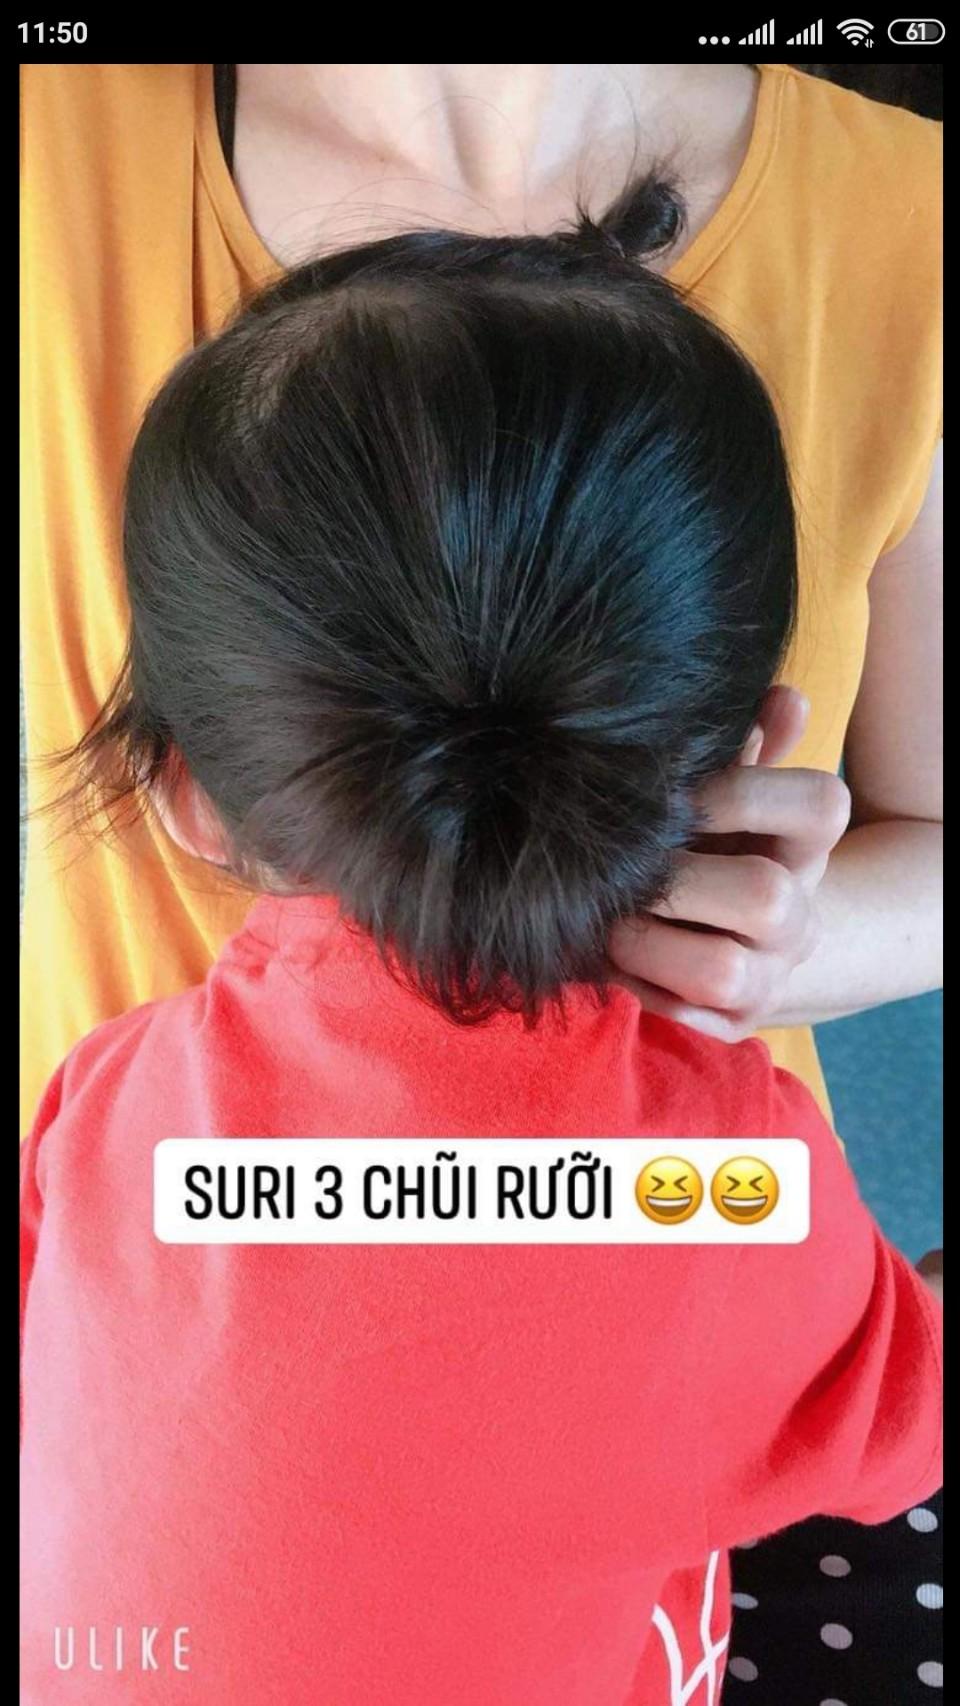 TINH CHẤT GỘI ĐẦU THẢO MỘC MẸ KEN-CHAI 500ML